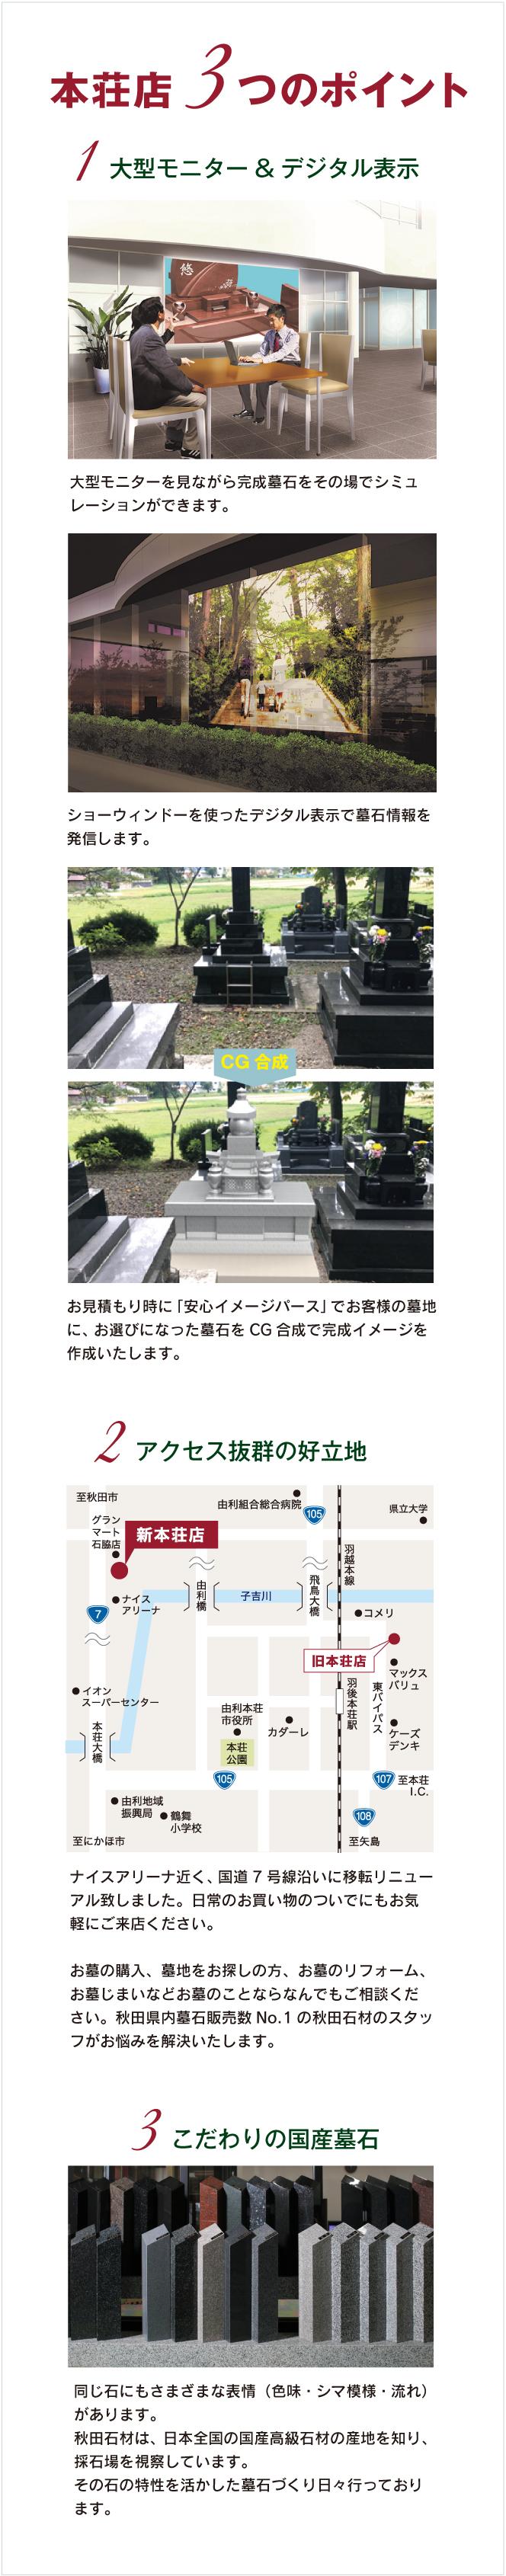 本荘店3つのポイント、大型モニター&デジタル表示、アクセス抜群の好立地、こだわりの国産墓石